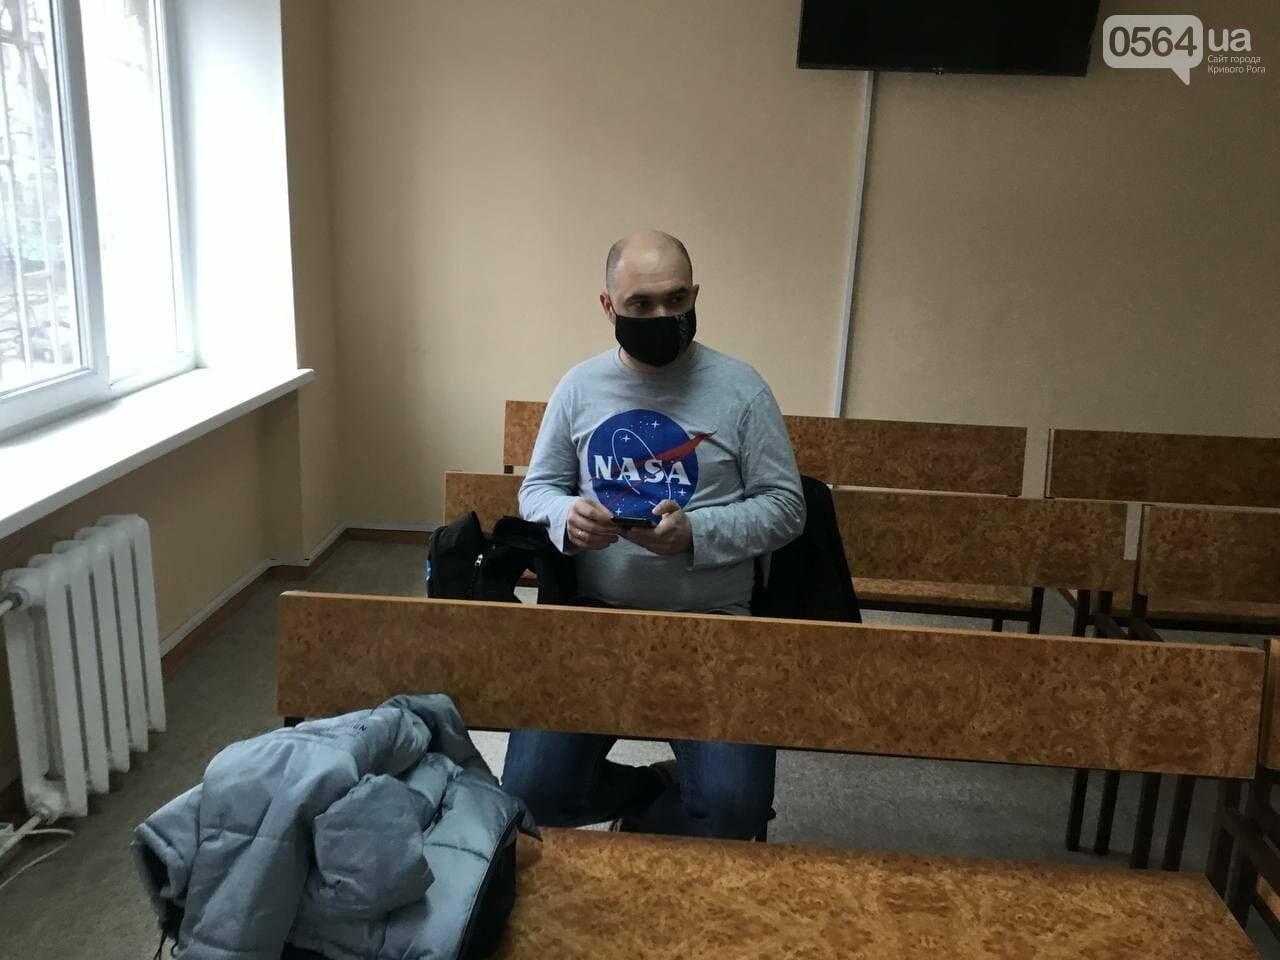 В суде по делу о конфликте между криворожским активистом и муниципальным гвардейцем допросили одного из свидетелей, - ФОТО, ВИДЕО, фото-9